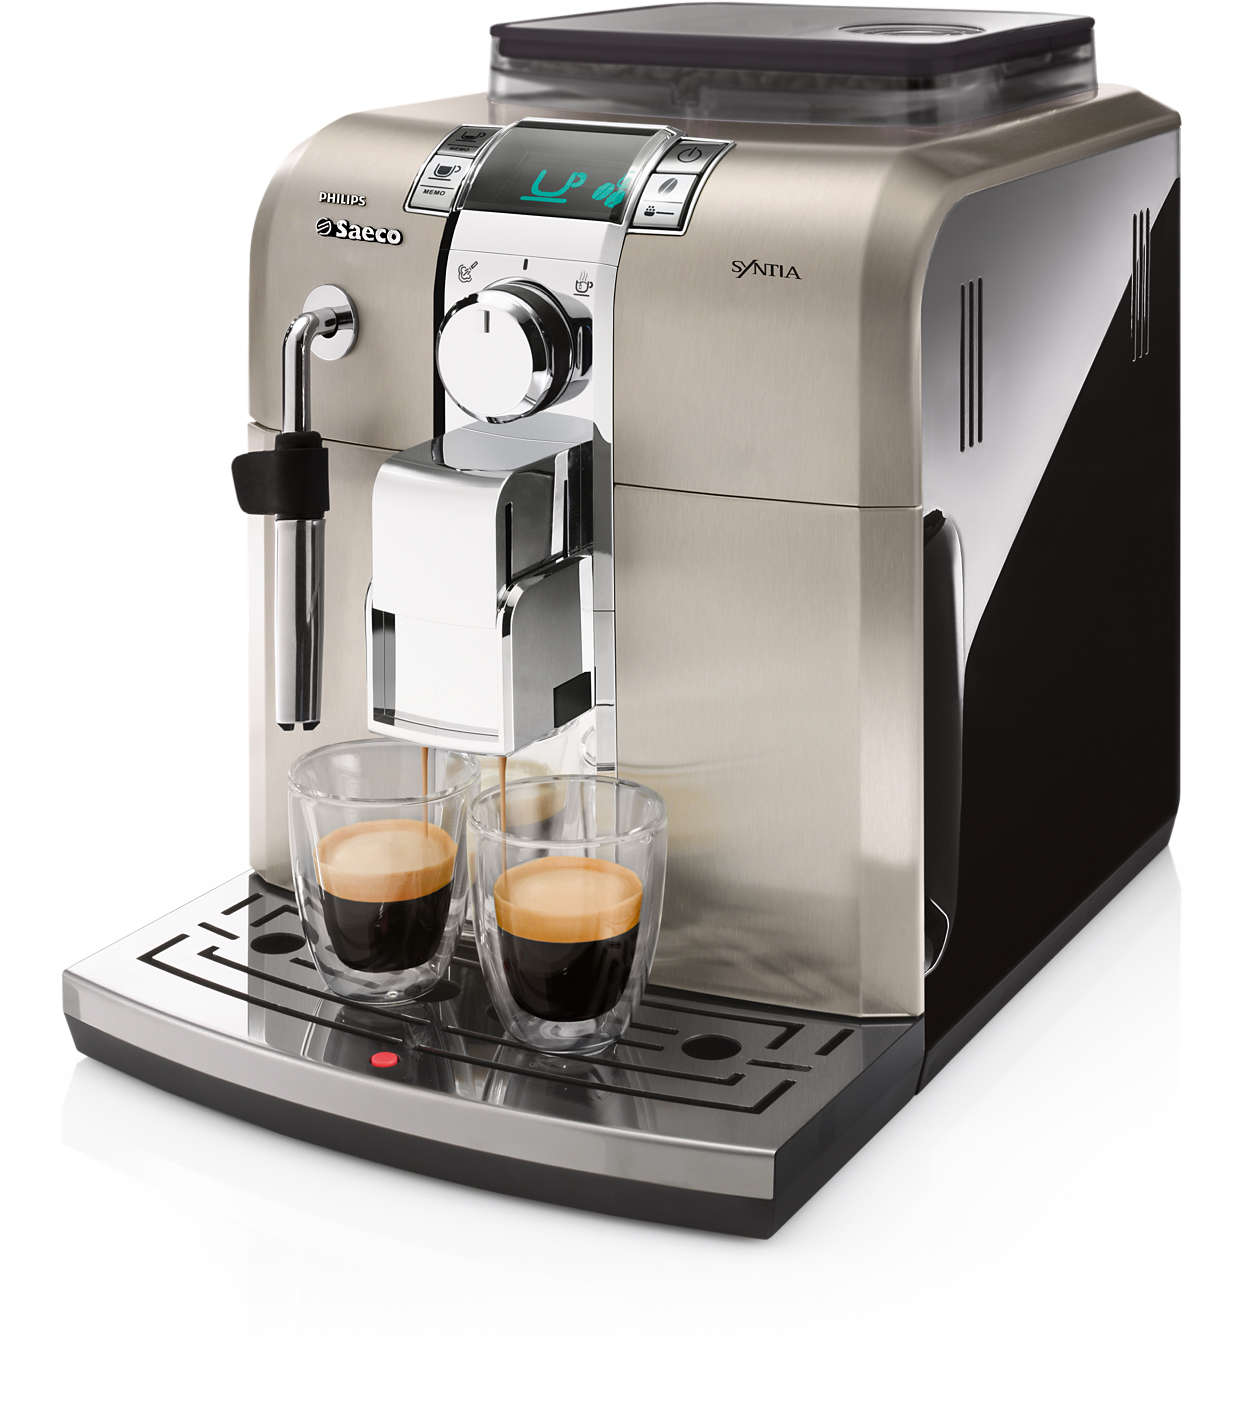 Le plaisir du café dans un style parfait